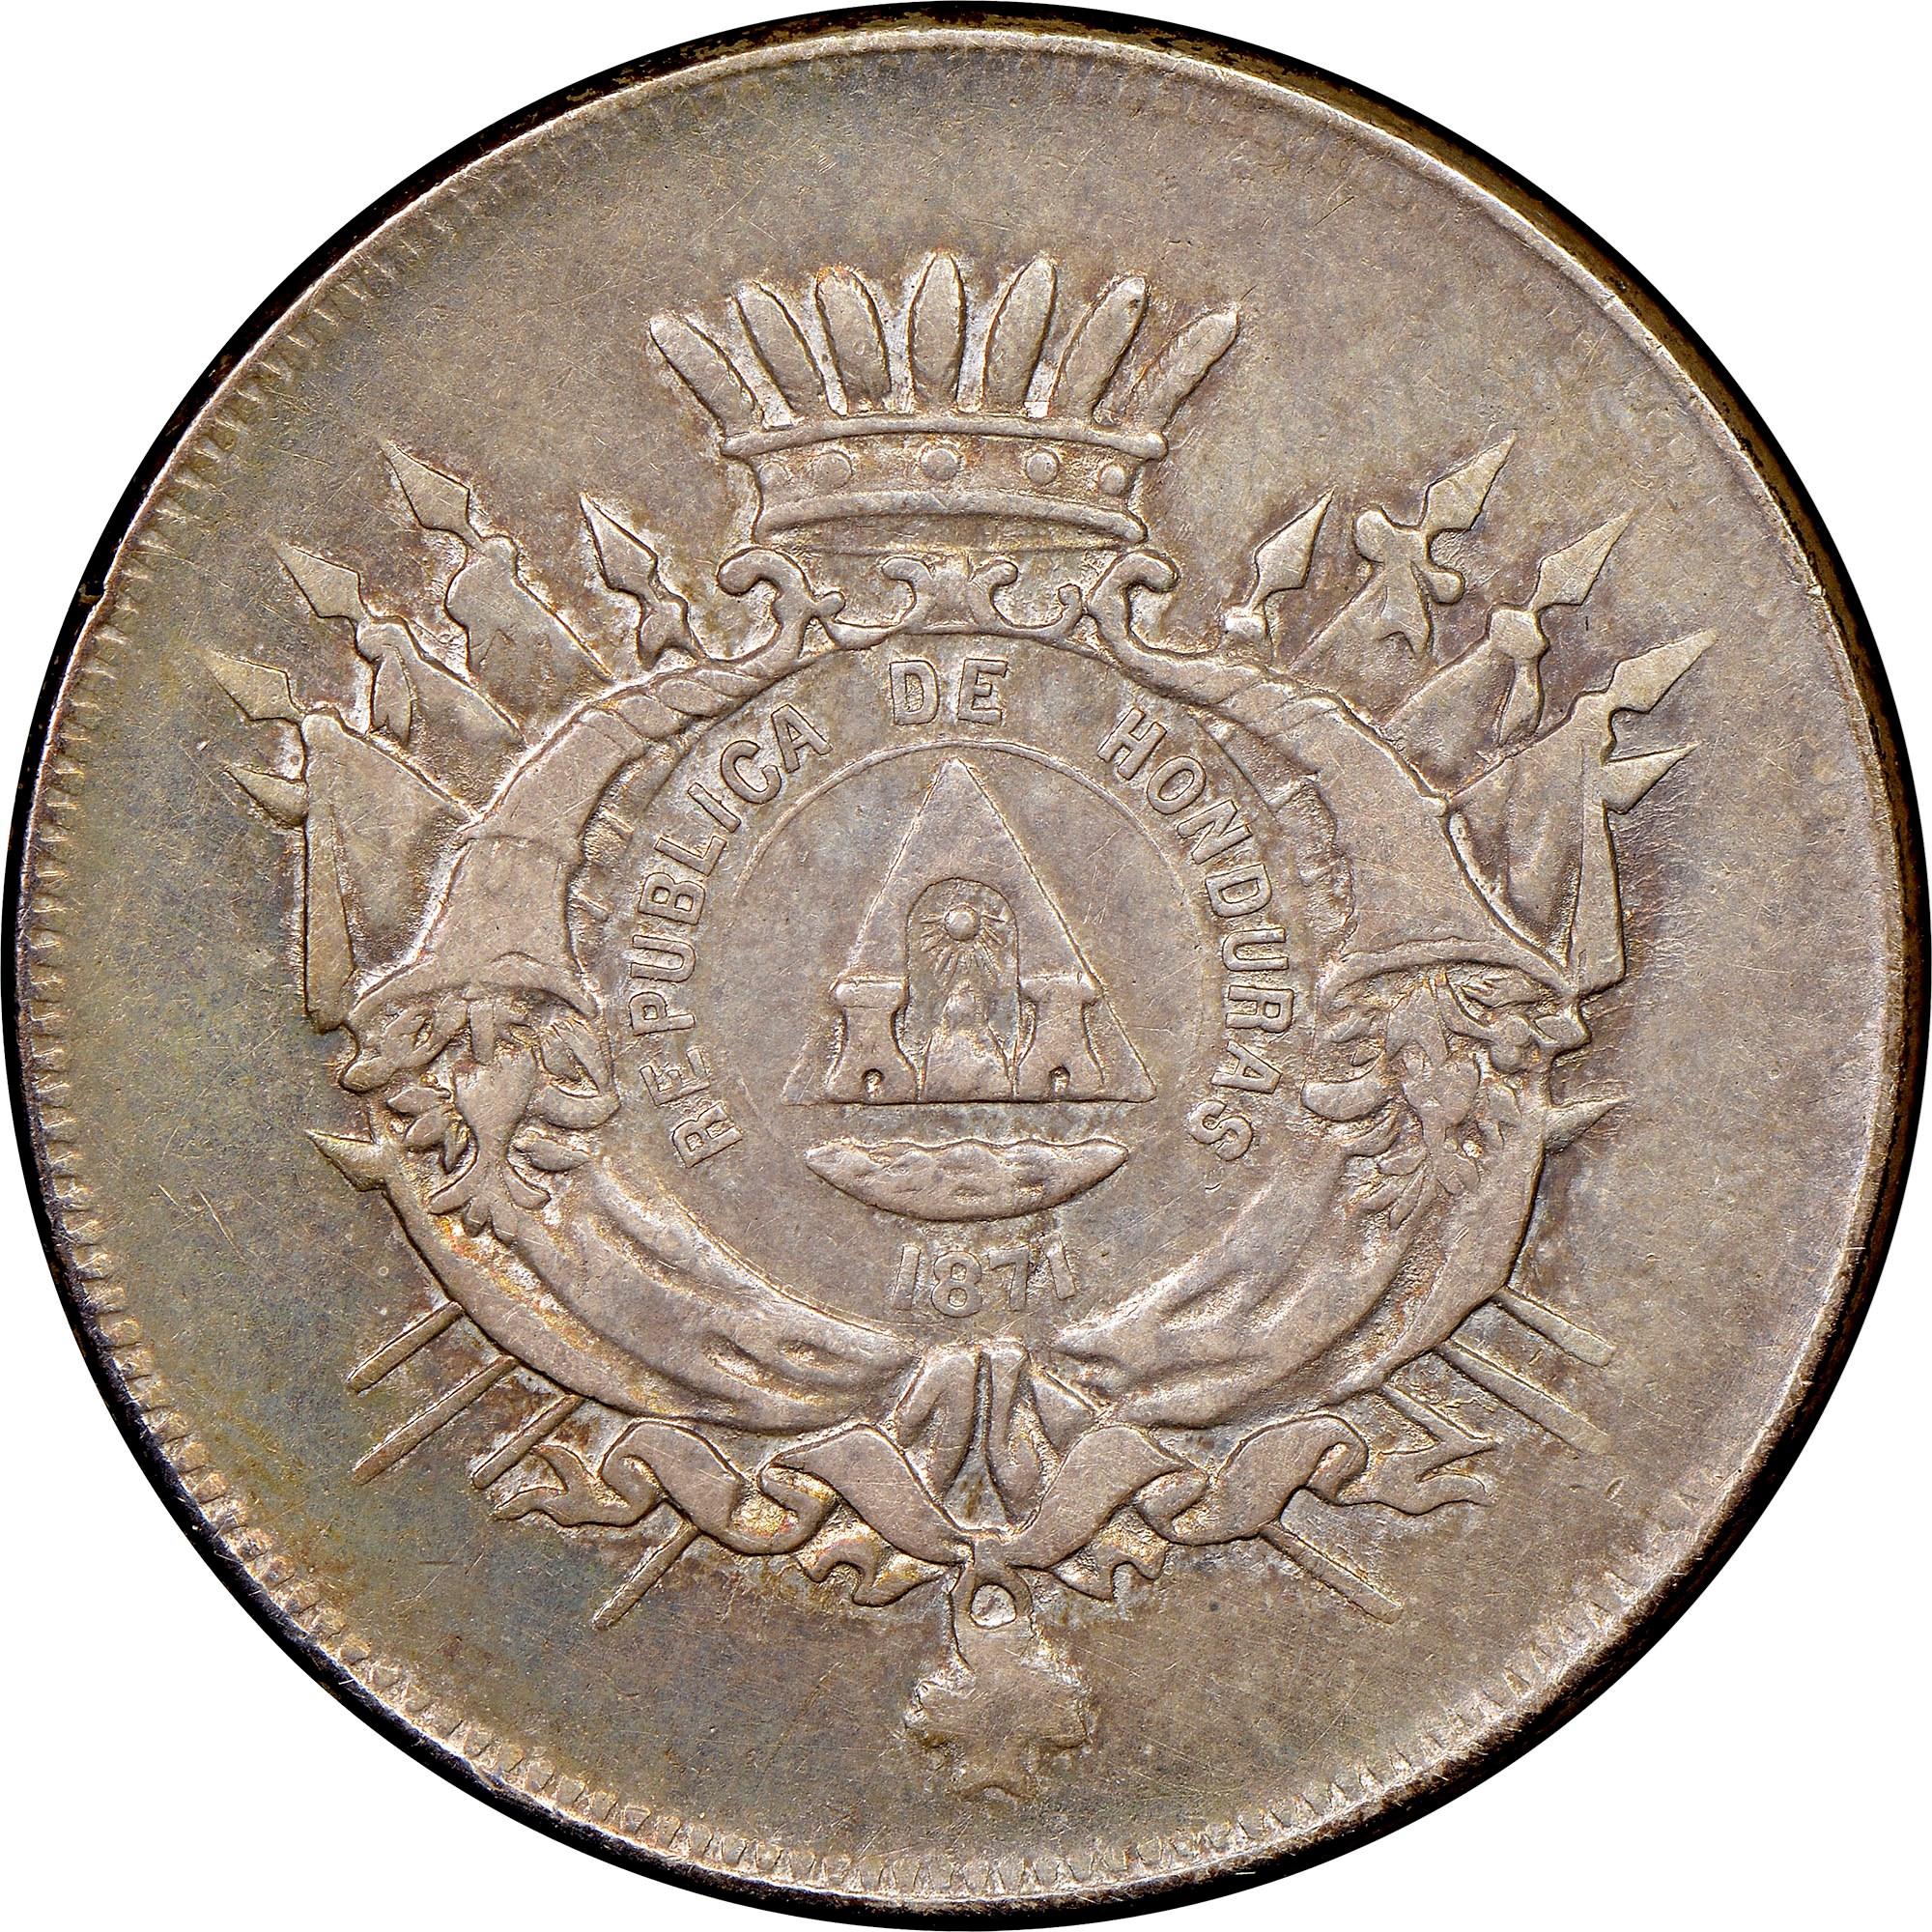 Honduras 50 Centavos obverse